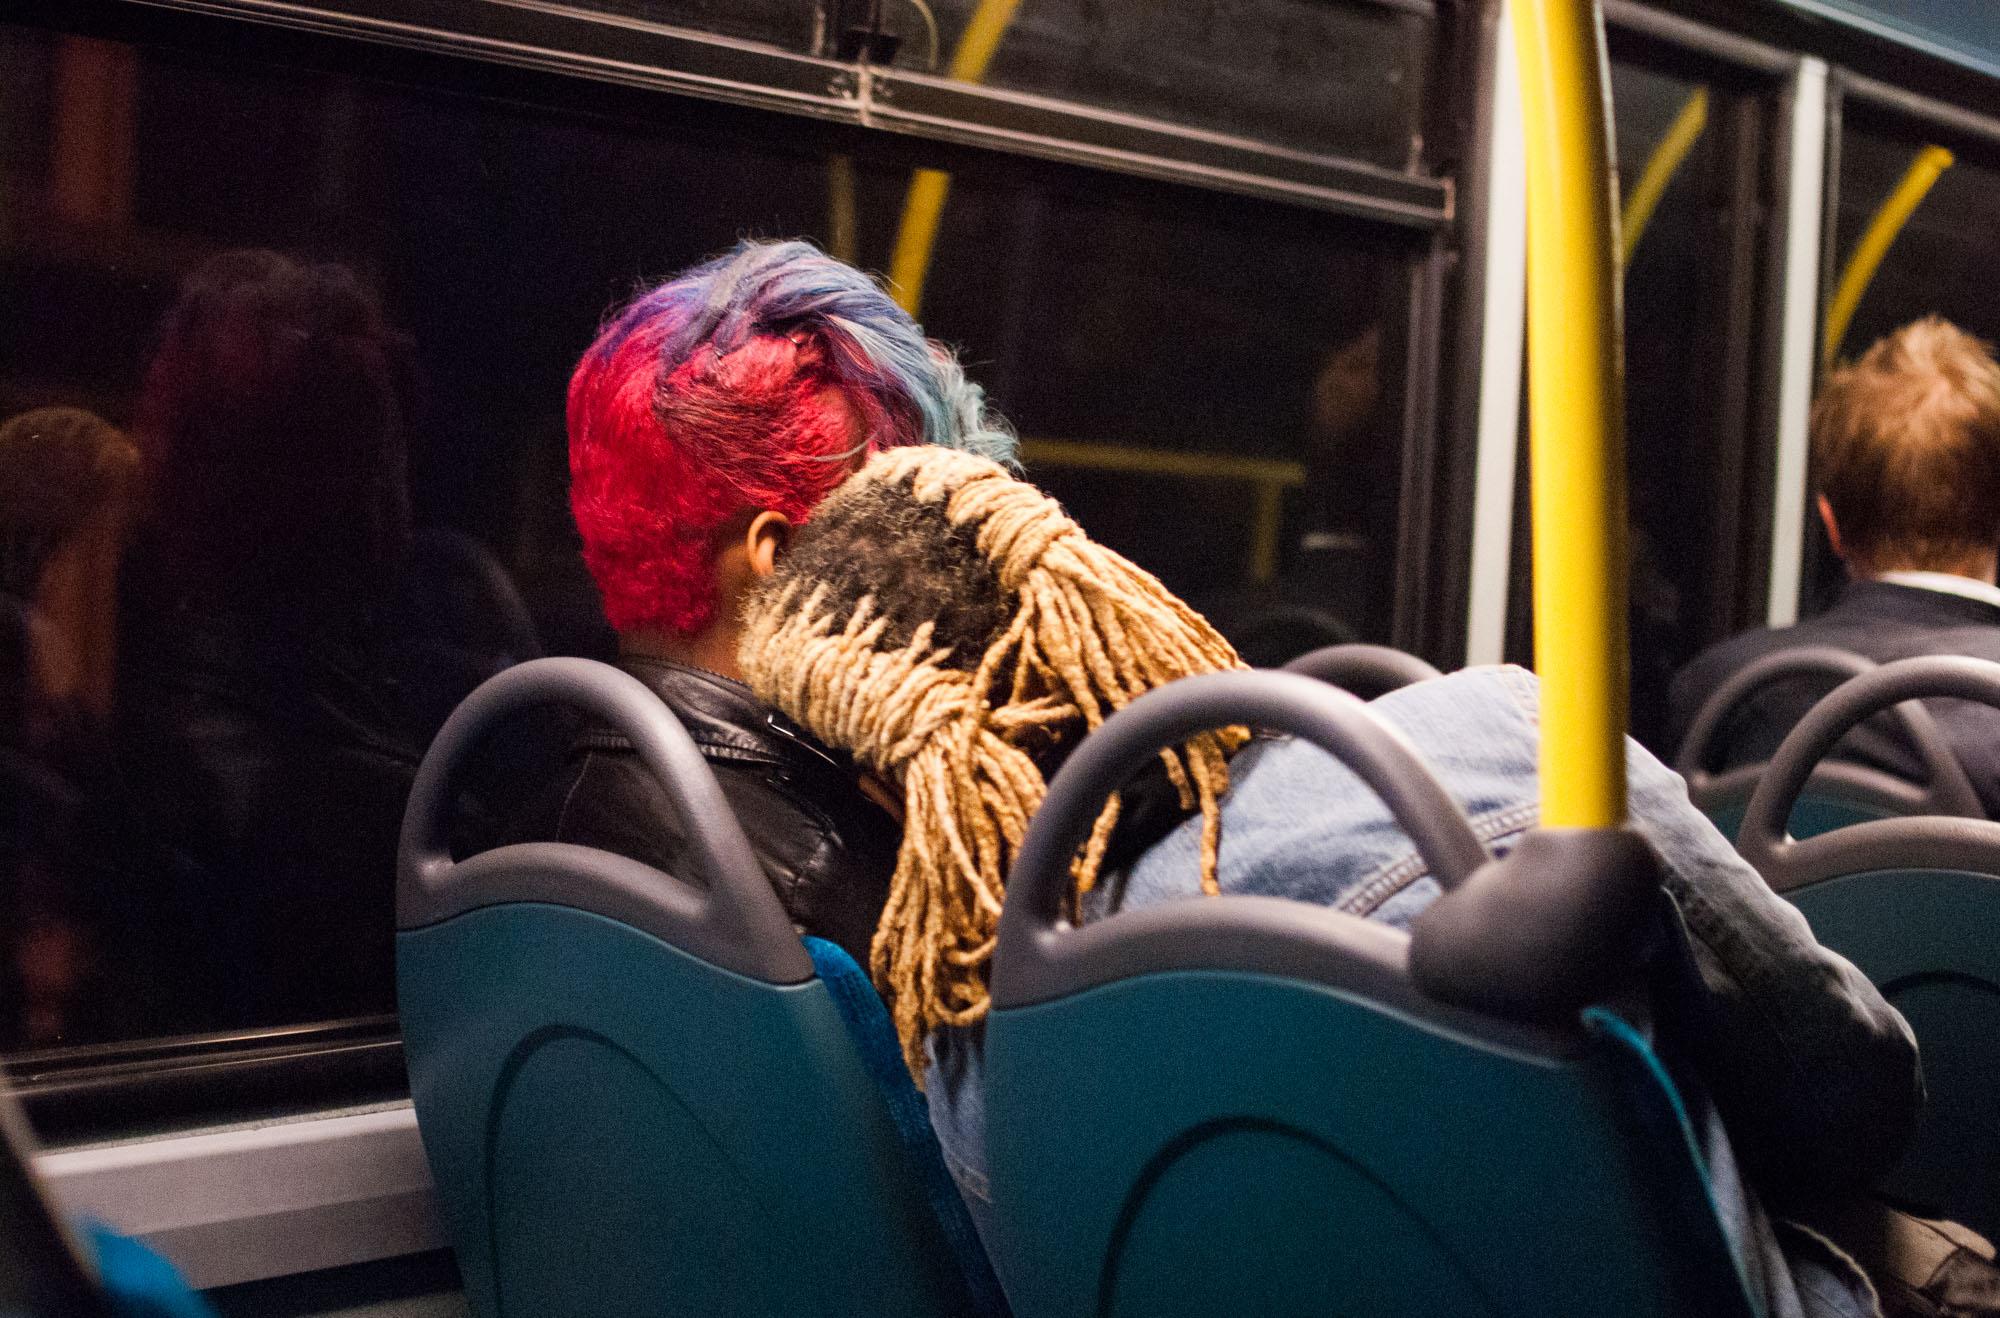 LADIES ON THE BUS